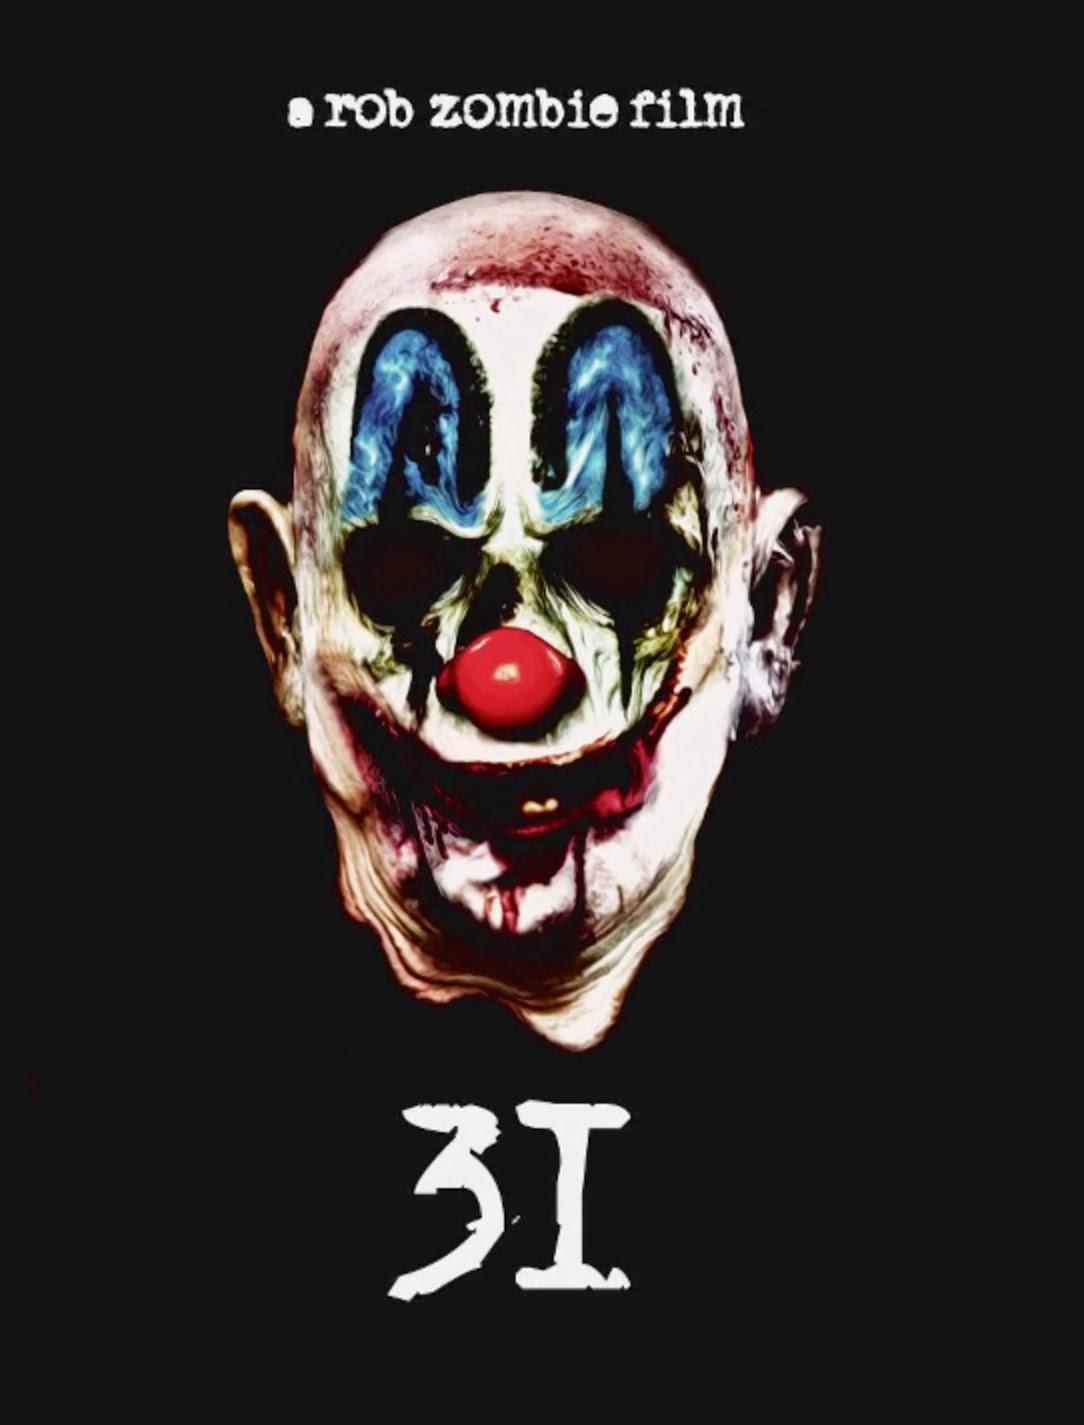 http://www.fanbacked.com/c/31-rob-zombie-film/